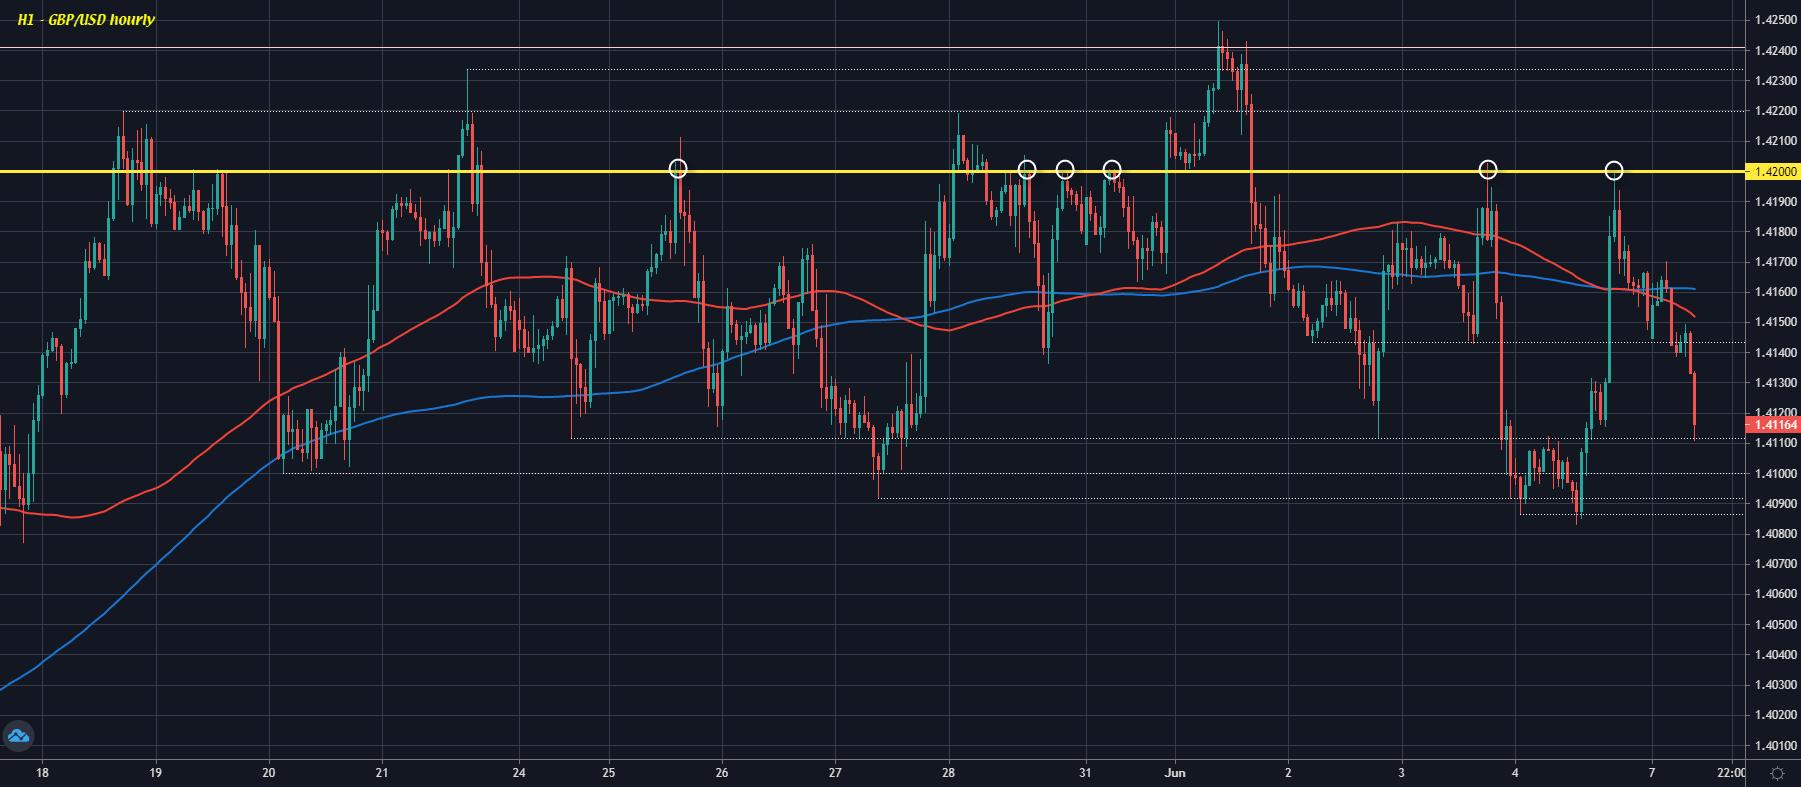 GBP/USD H1 07-06